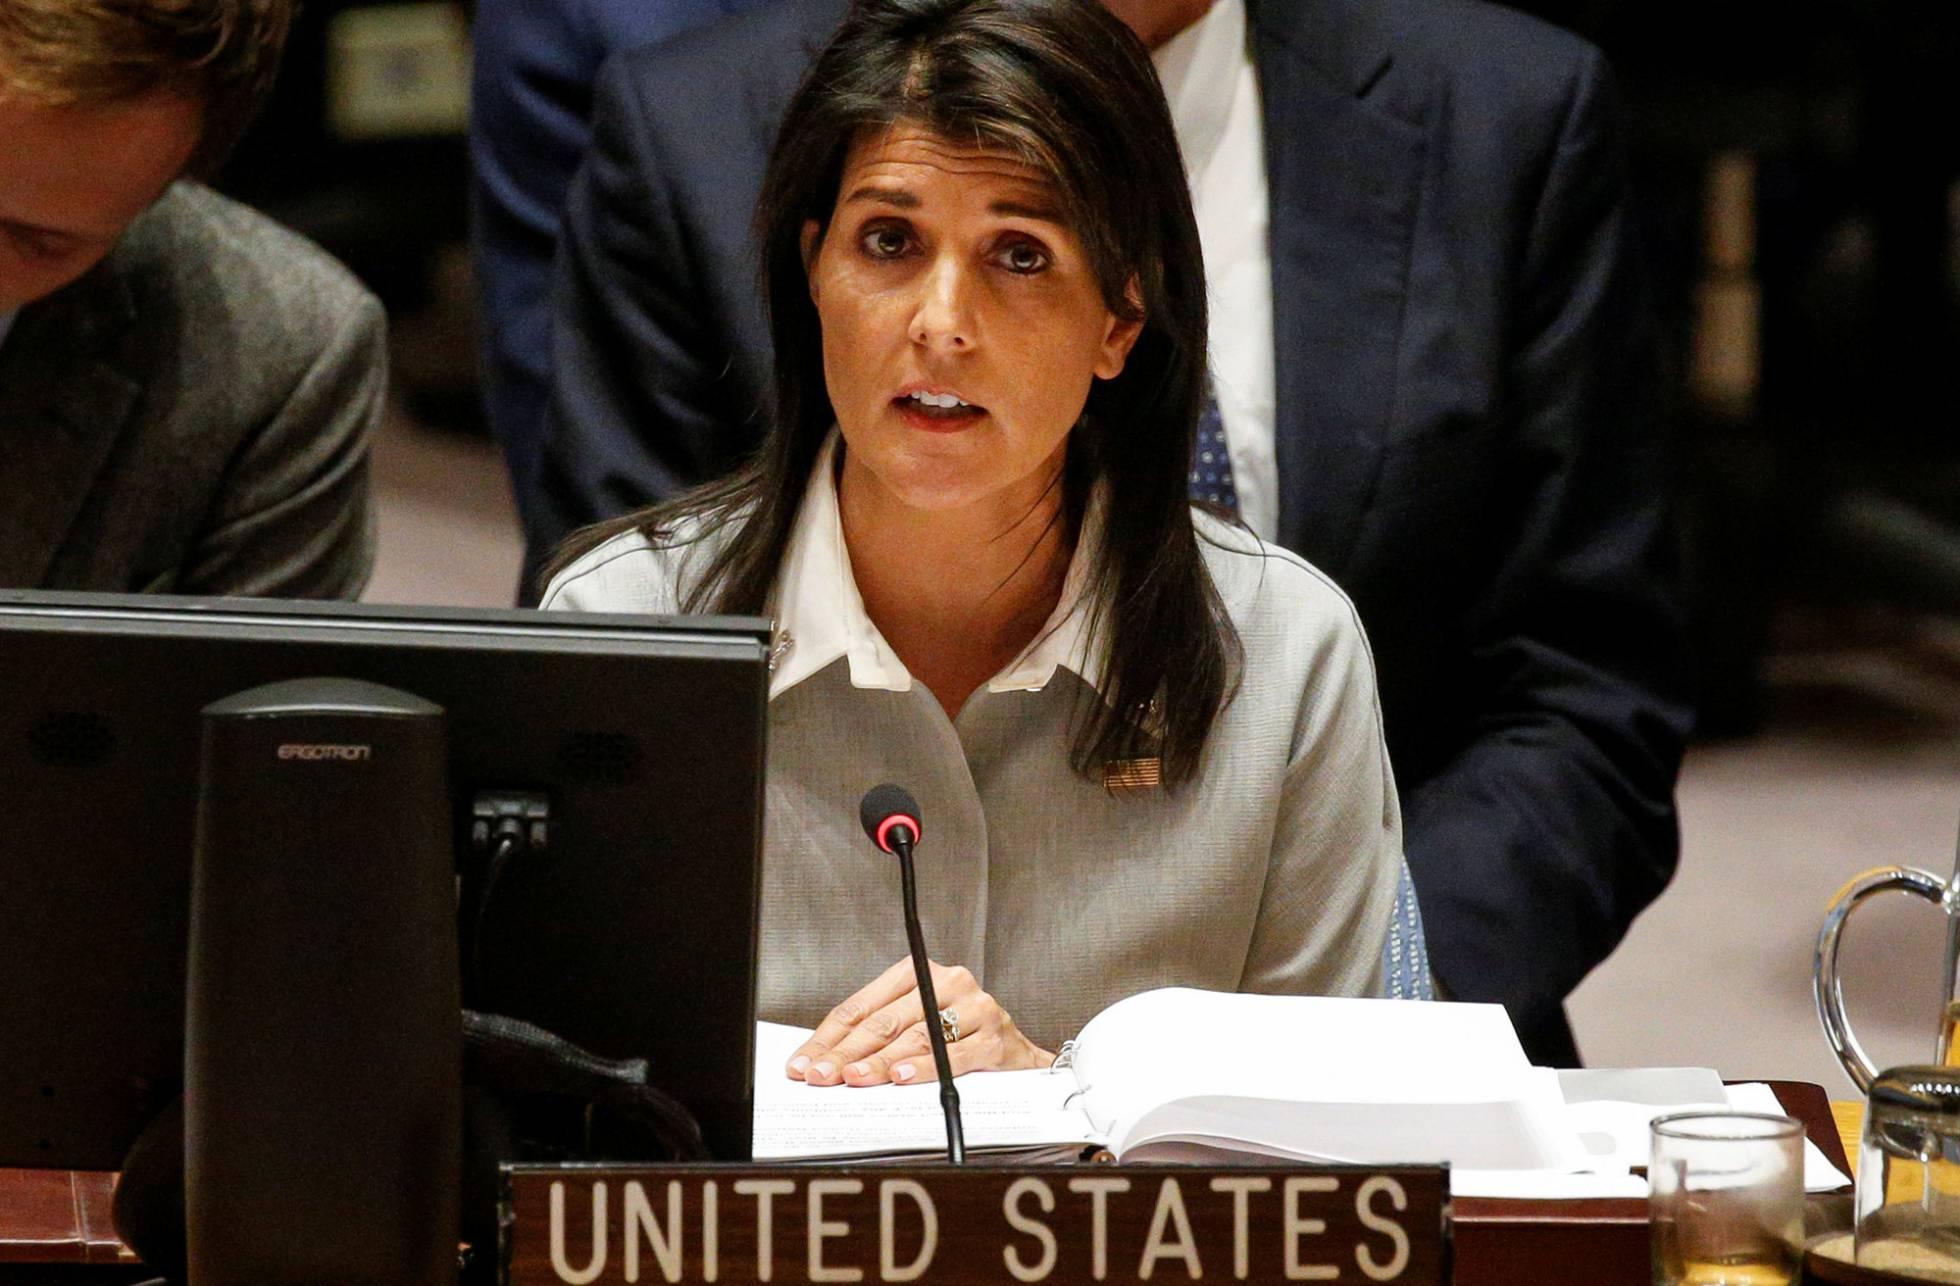 Condena unánime del Consejo de Seguridad de la ONU a la decisión de EE UU